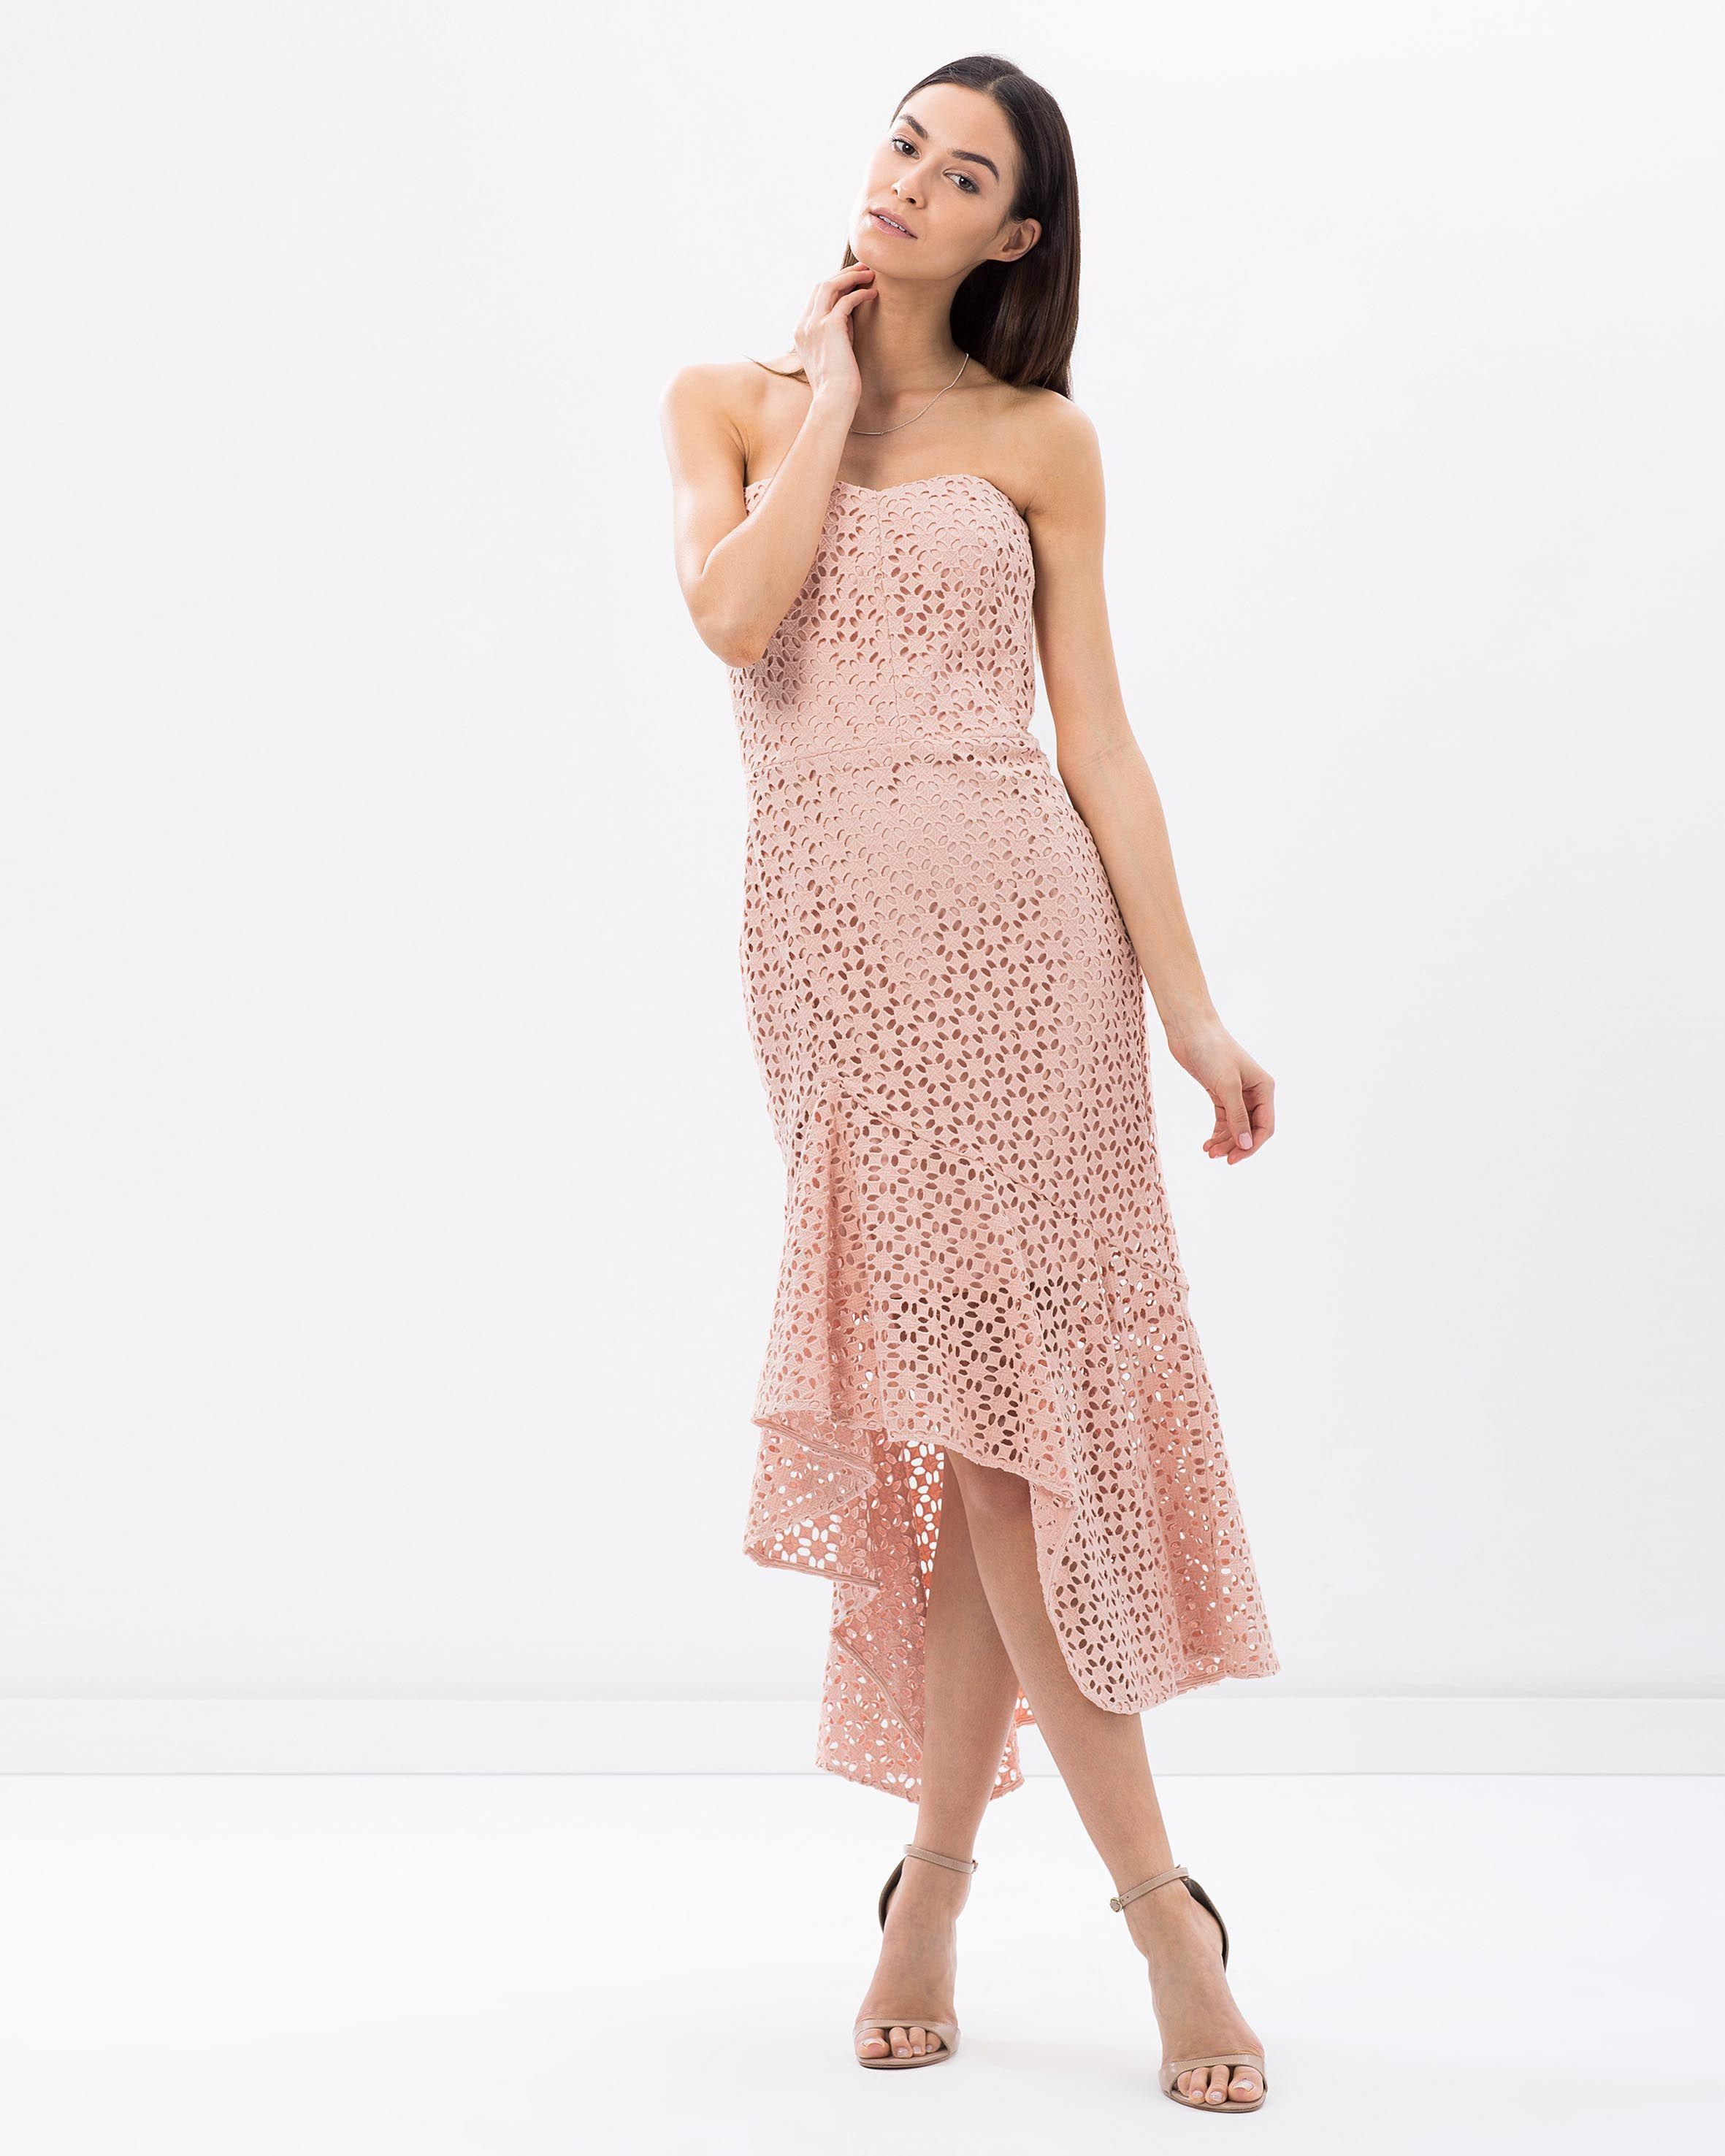 Encantador Vestidos De Fiesta En Línea Australia Friso - Colección ...